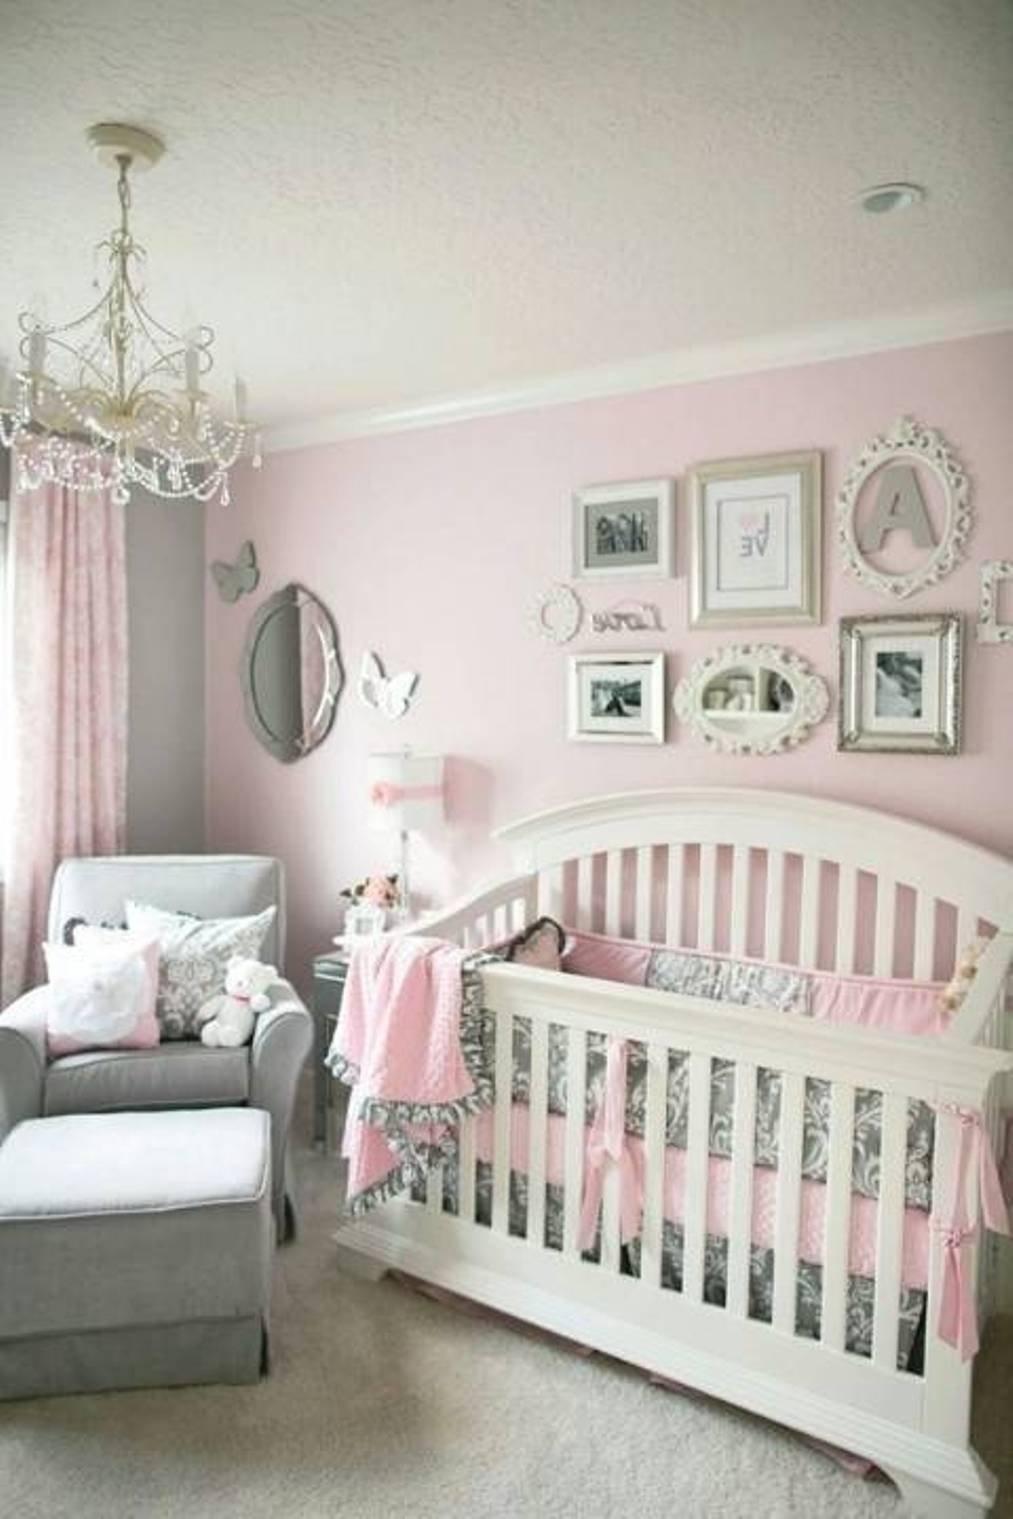 10 Cute Baby Room Ideas For A Girl decorating ideas for baby girl nursery wall decor editeestrela 2020